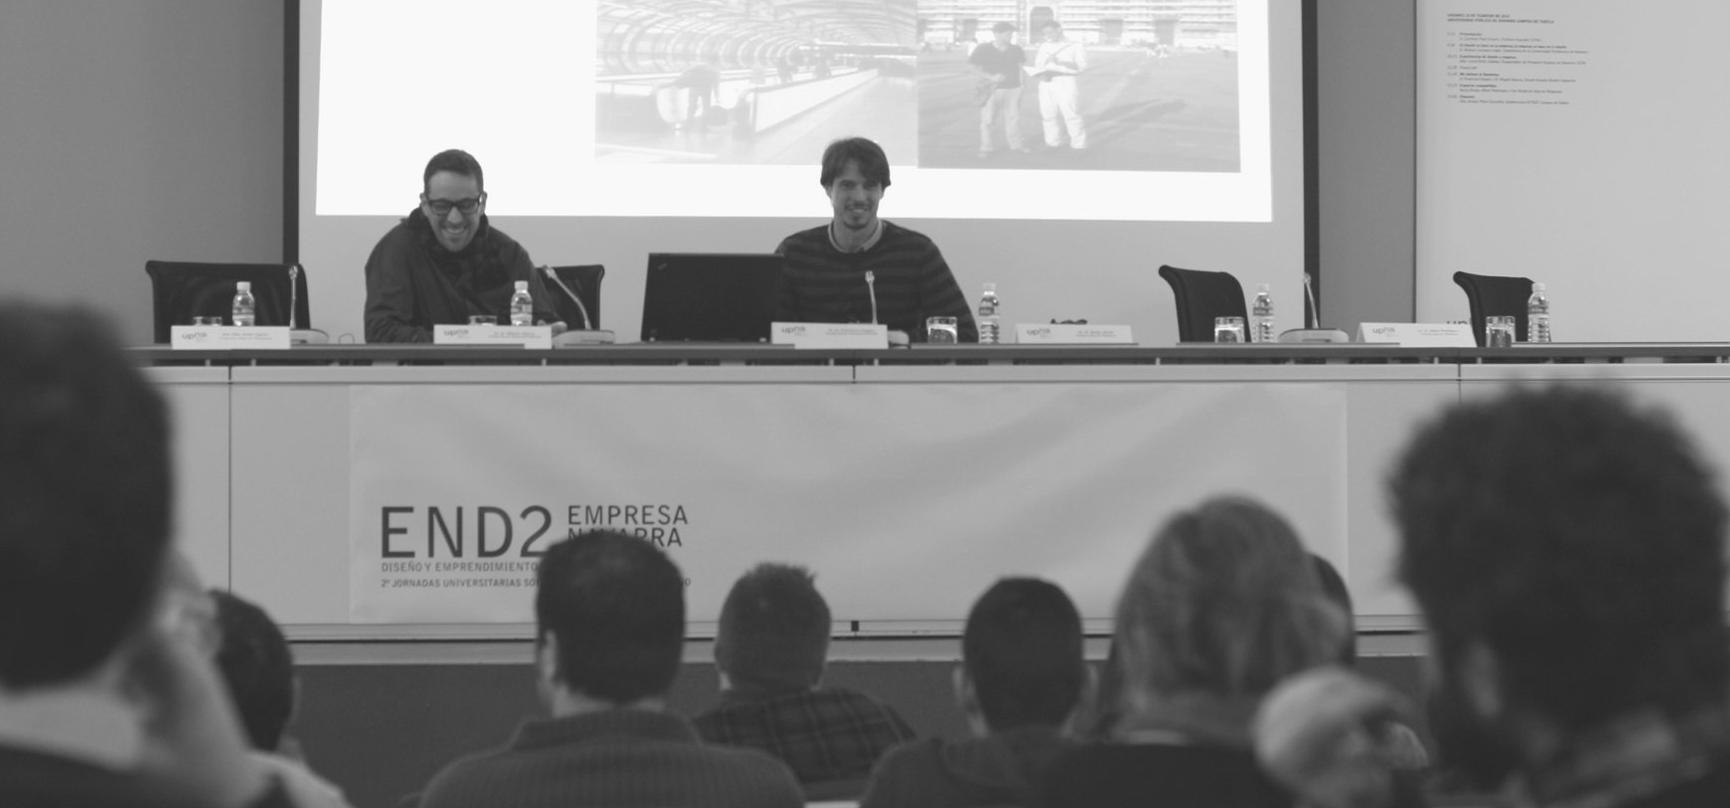 Conferencia END2